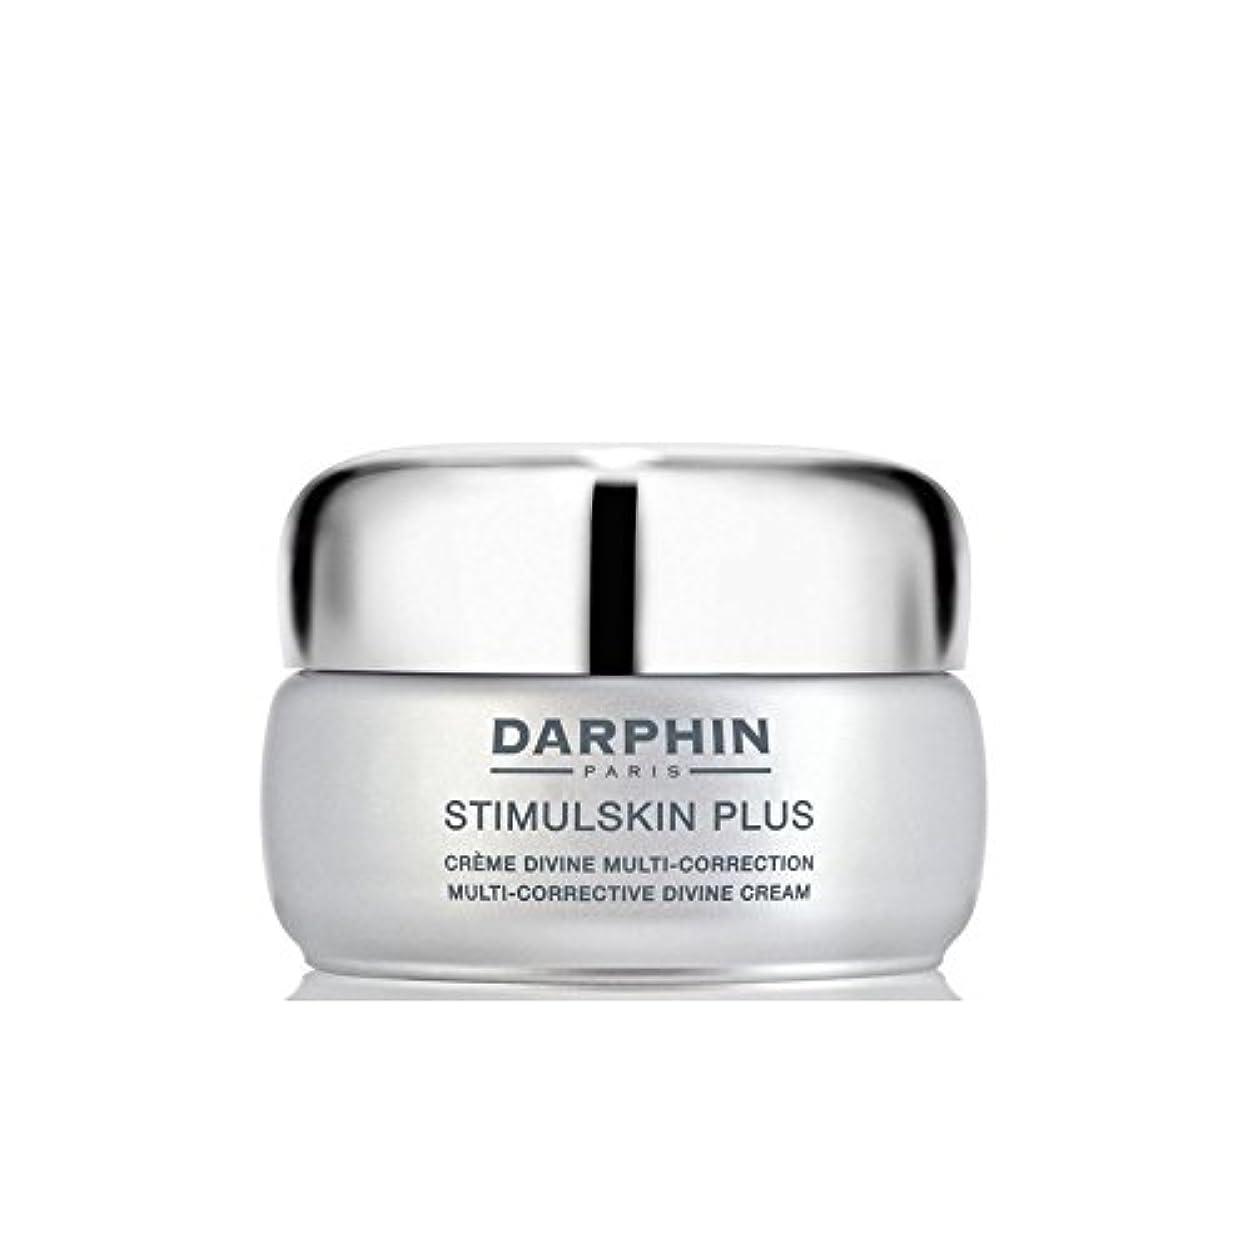 受け入れる財布抵当Darphin Stimulskin Plus Multi-Corrective Divine Cream - Rich (Pack of 6) - ダルファンスティプラスマルチ是正神クリーム - 豊富 x6 [並行輸入品]